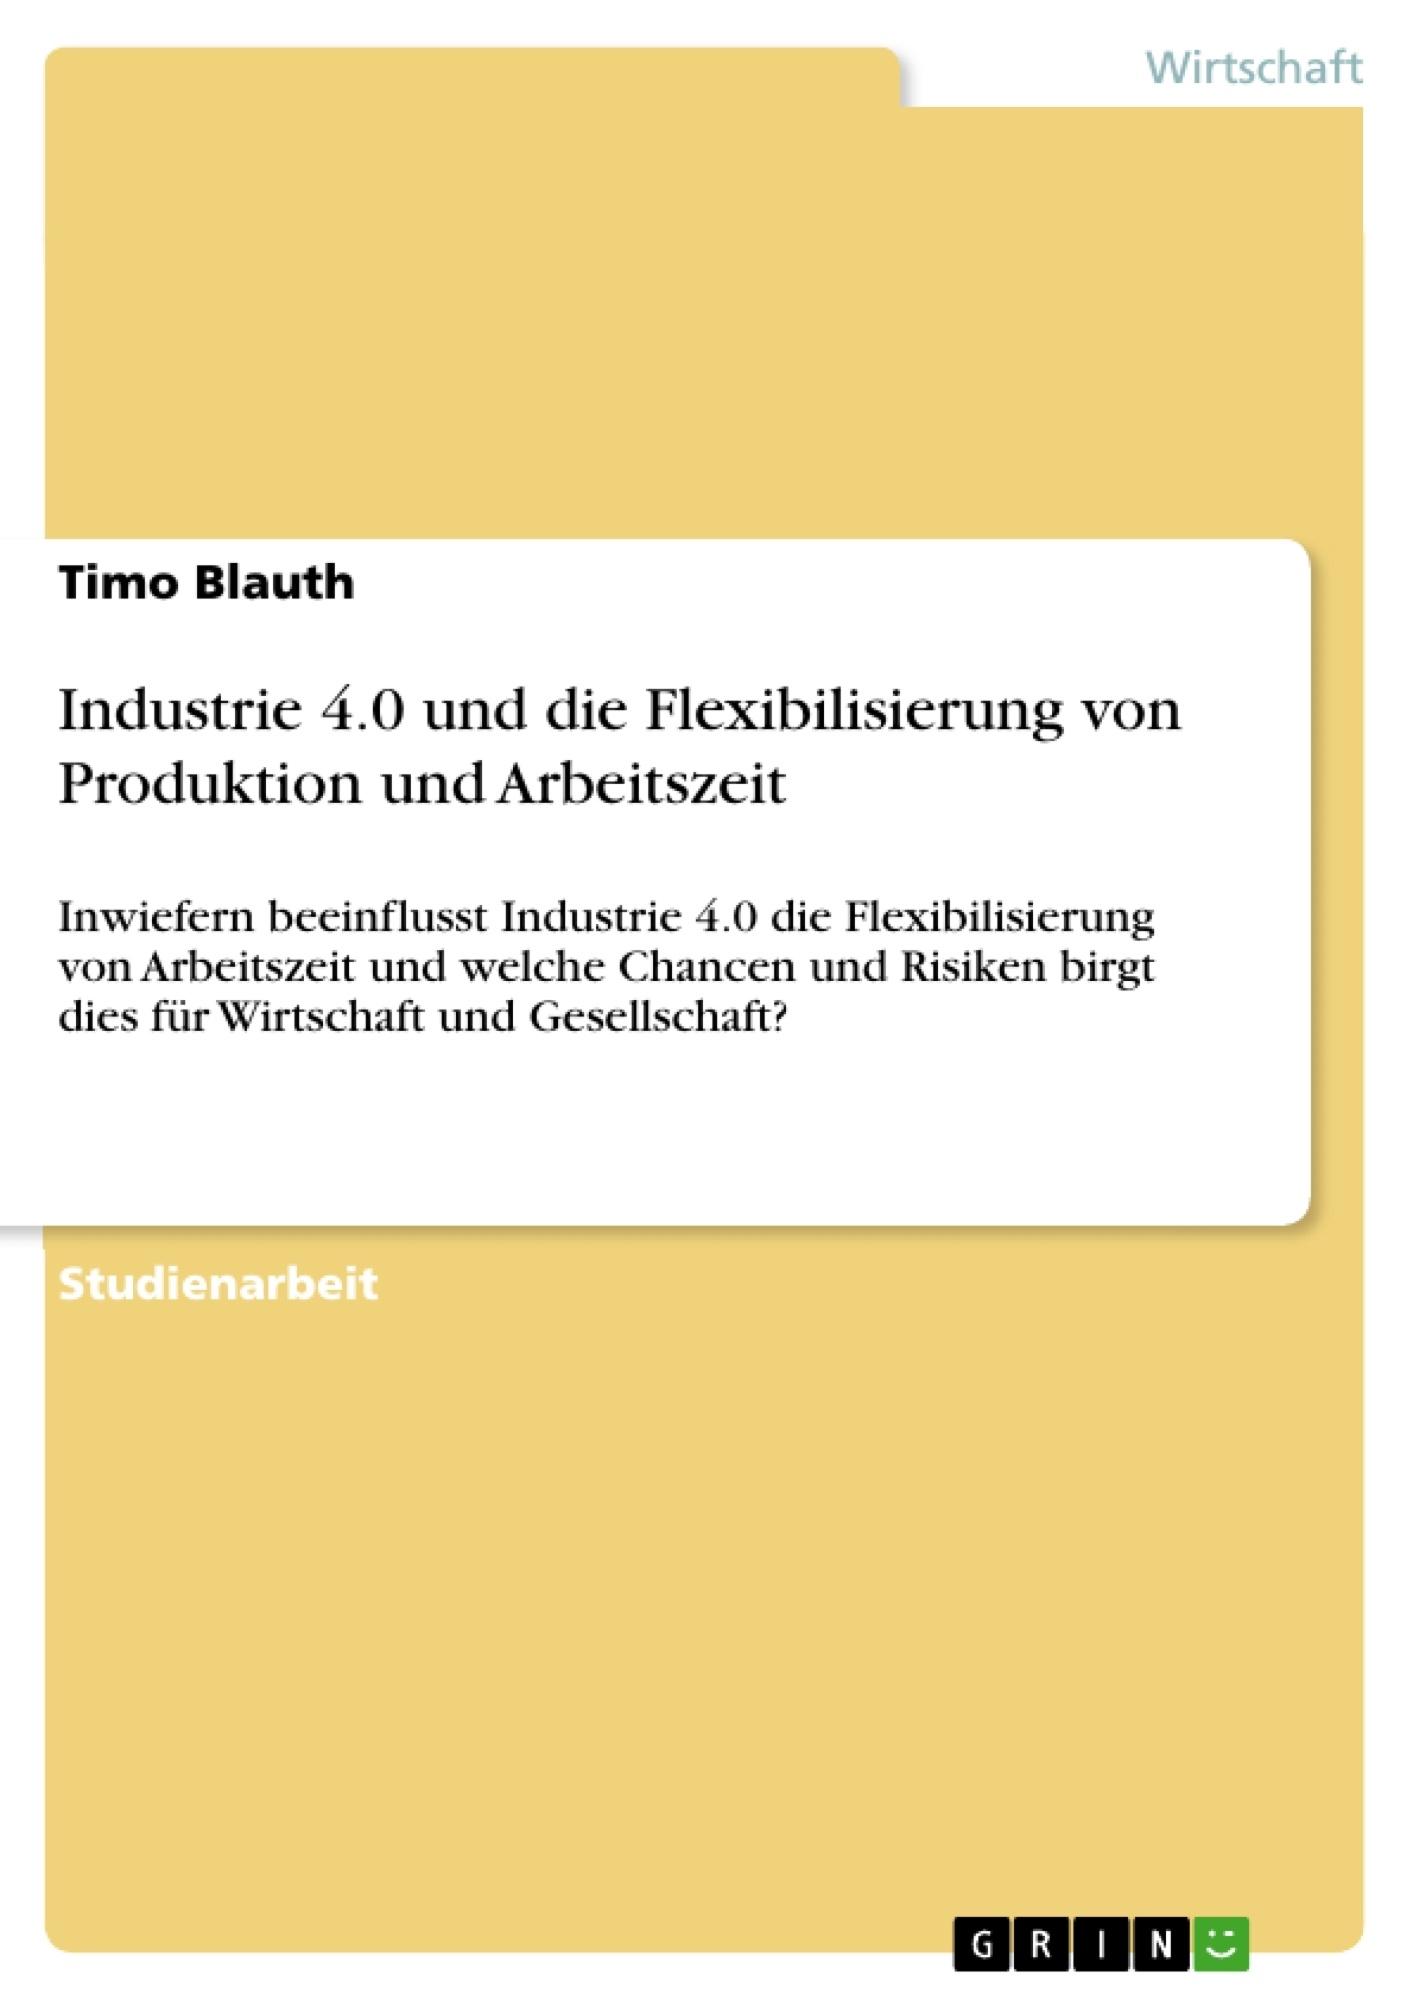 Titel: Industrie 4.0 und die Flexibilisierung von Produktion und Arbeitszeit